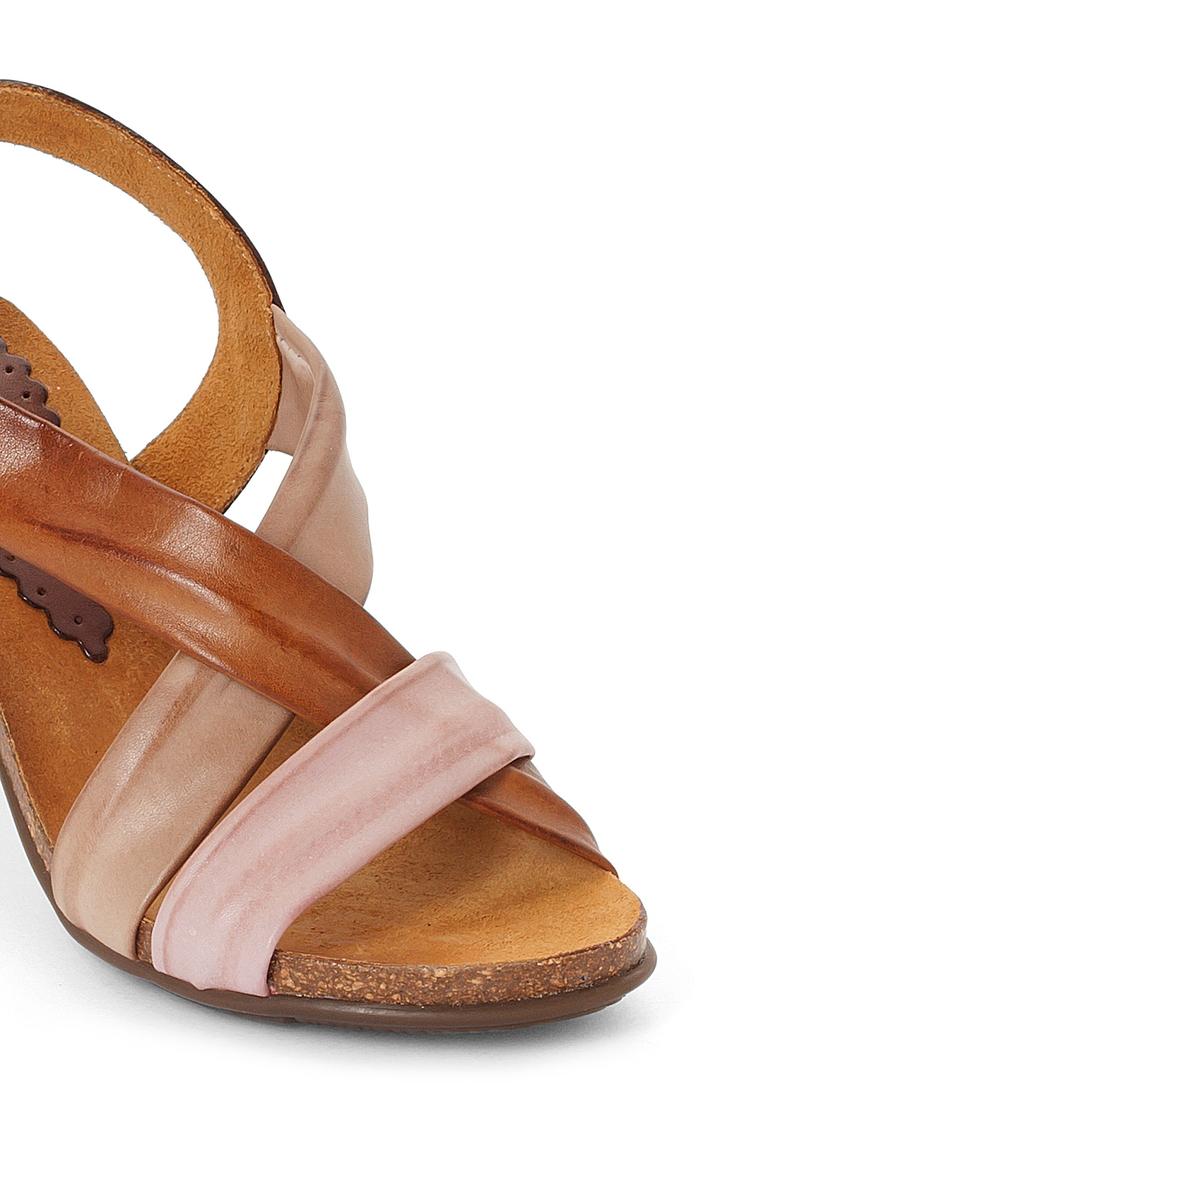 Босоножки кожаные LizВерх : кожа   Стелька : кожа   Подошва : эластомер   Высота каблука : 8 см   Форма каблука : квадратный каблук   Мысок : открытый мысок   Застежка : пряжка<br><br>Цвет: каштановый